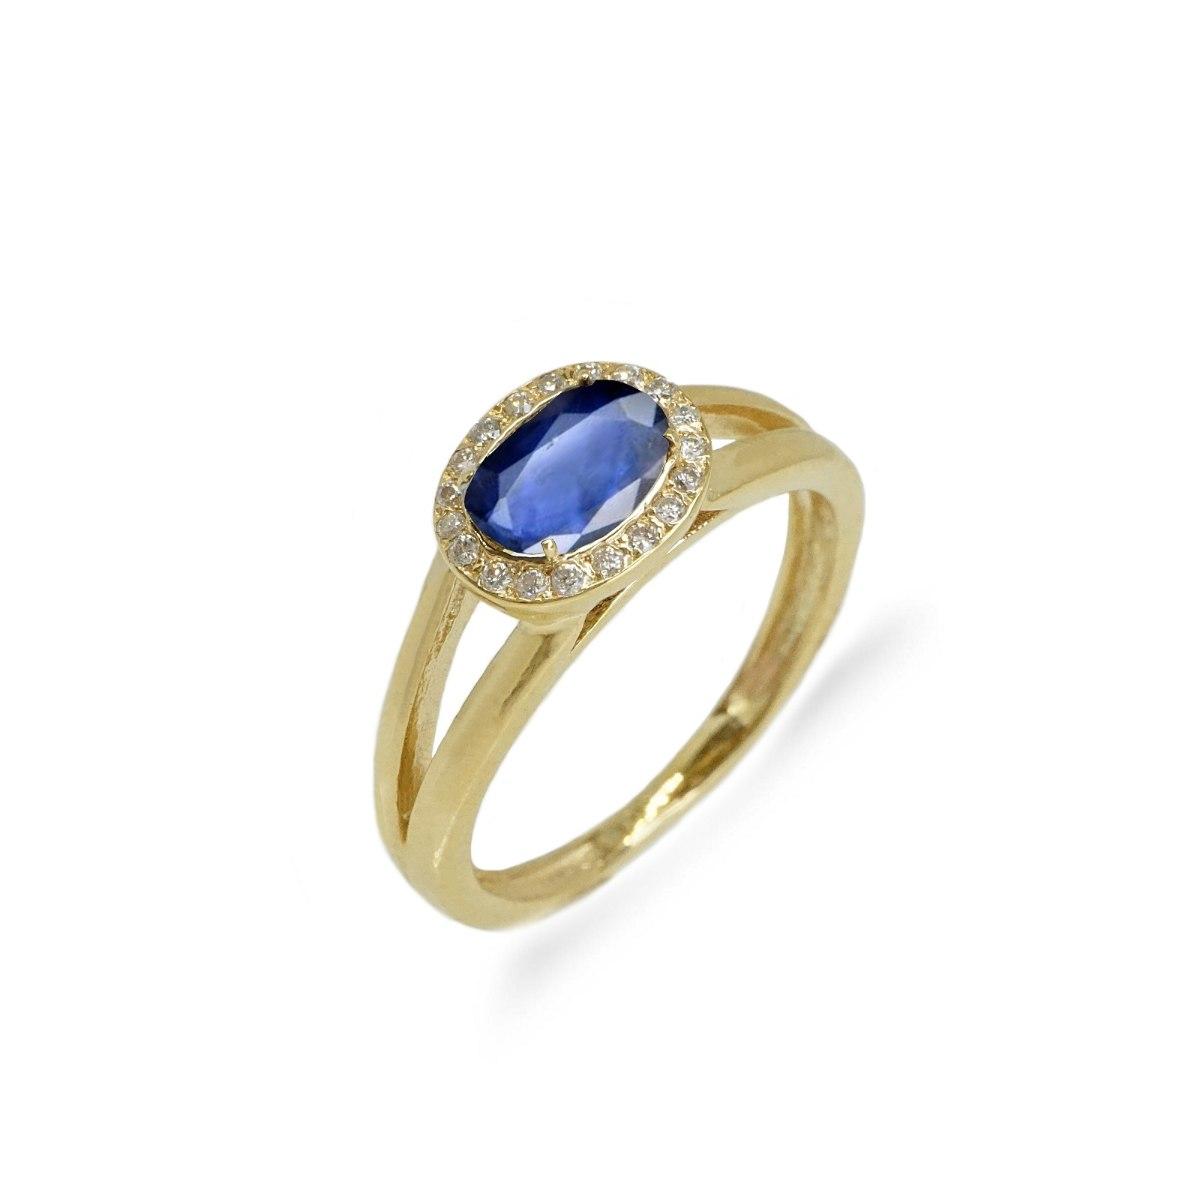 טבעת זהב משובצת אבן חן בחיתוך אליפסה ושורת יהלומים לבנים מסביב